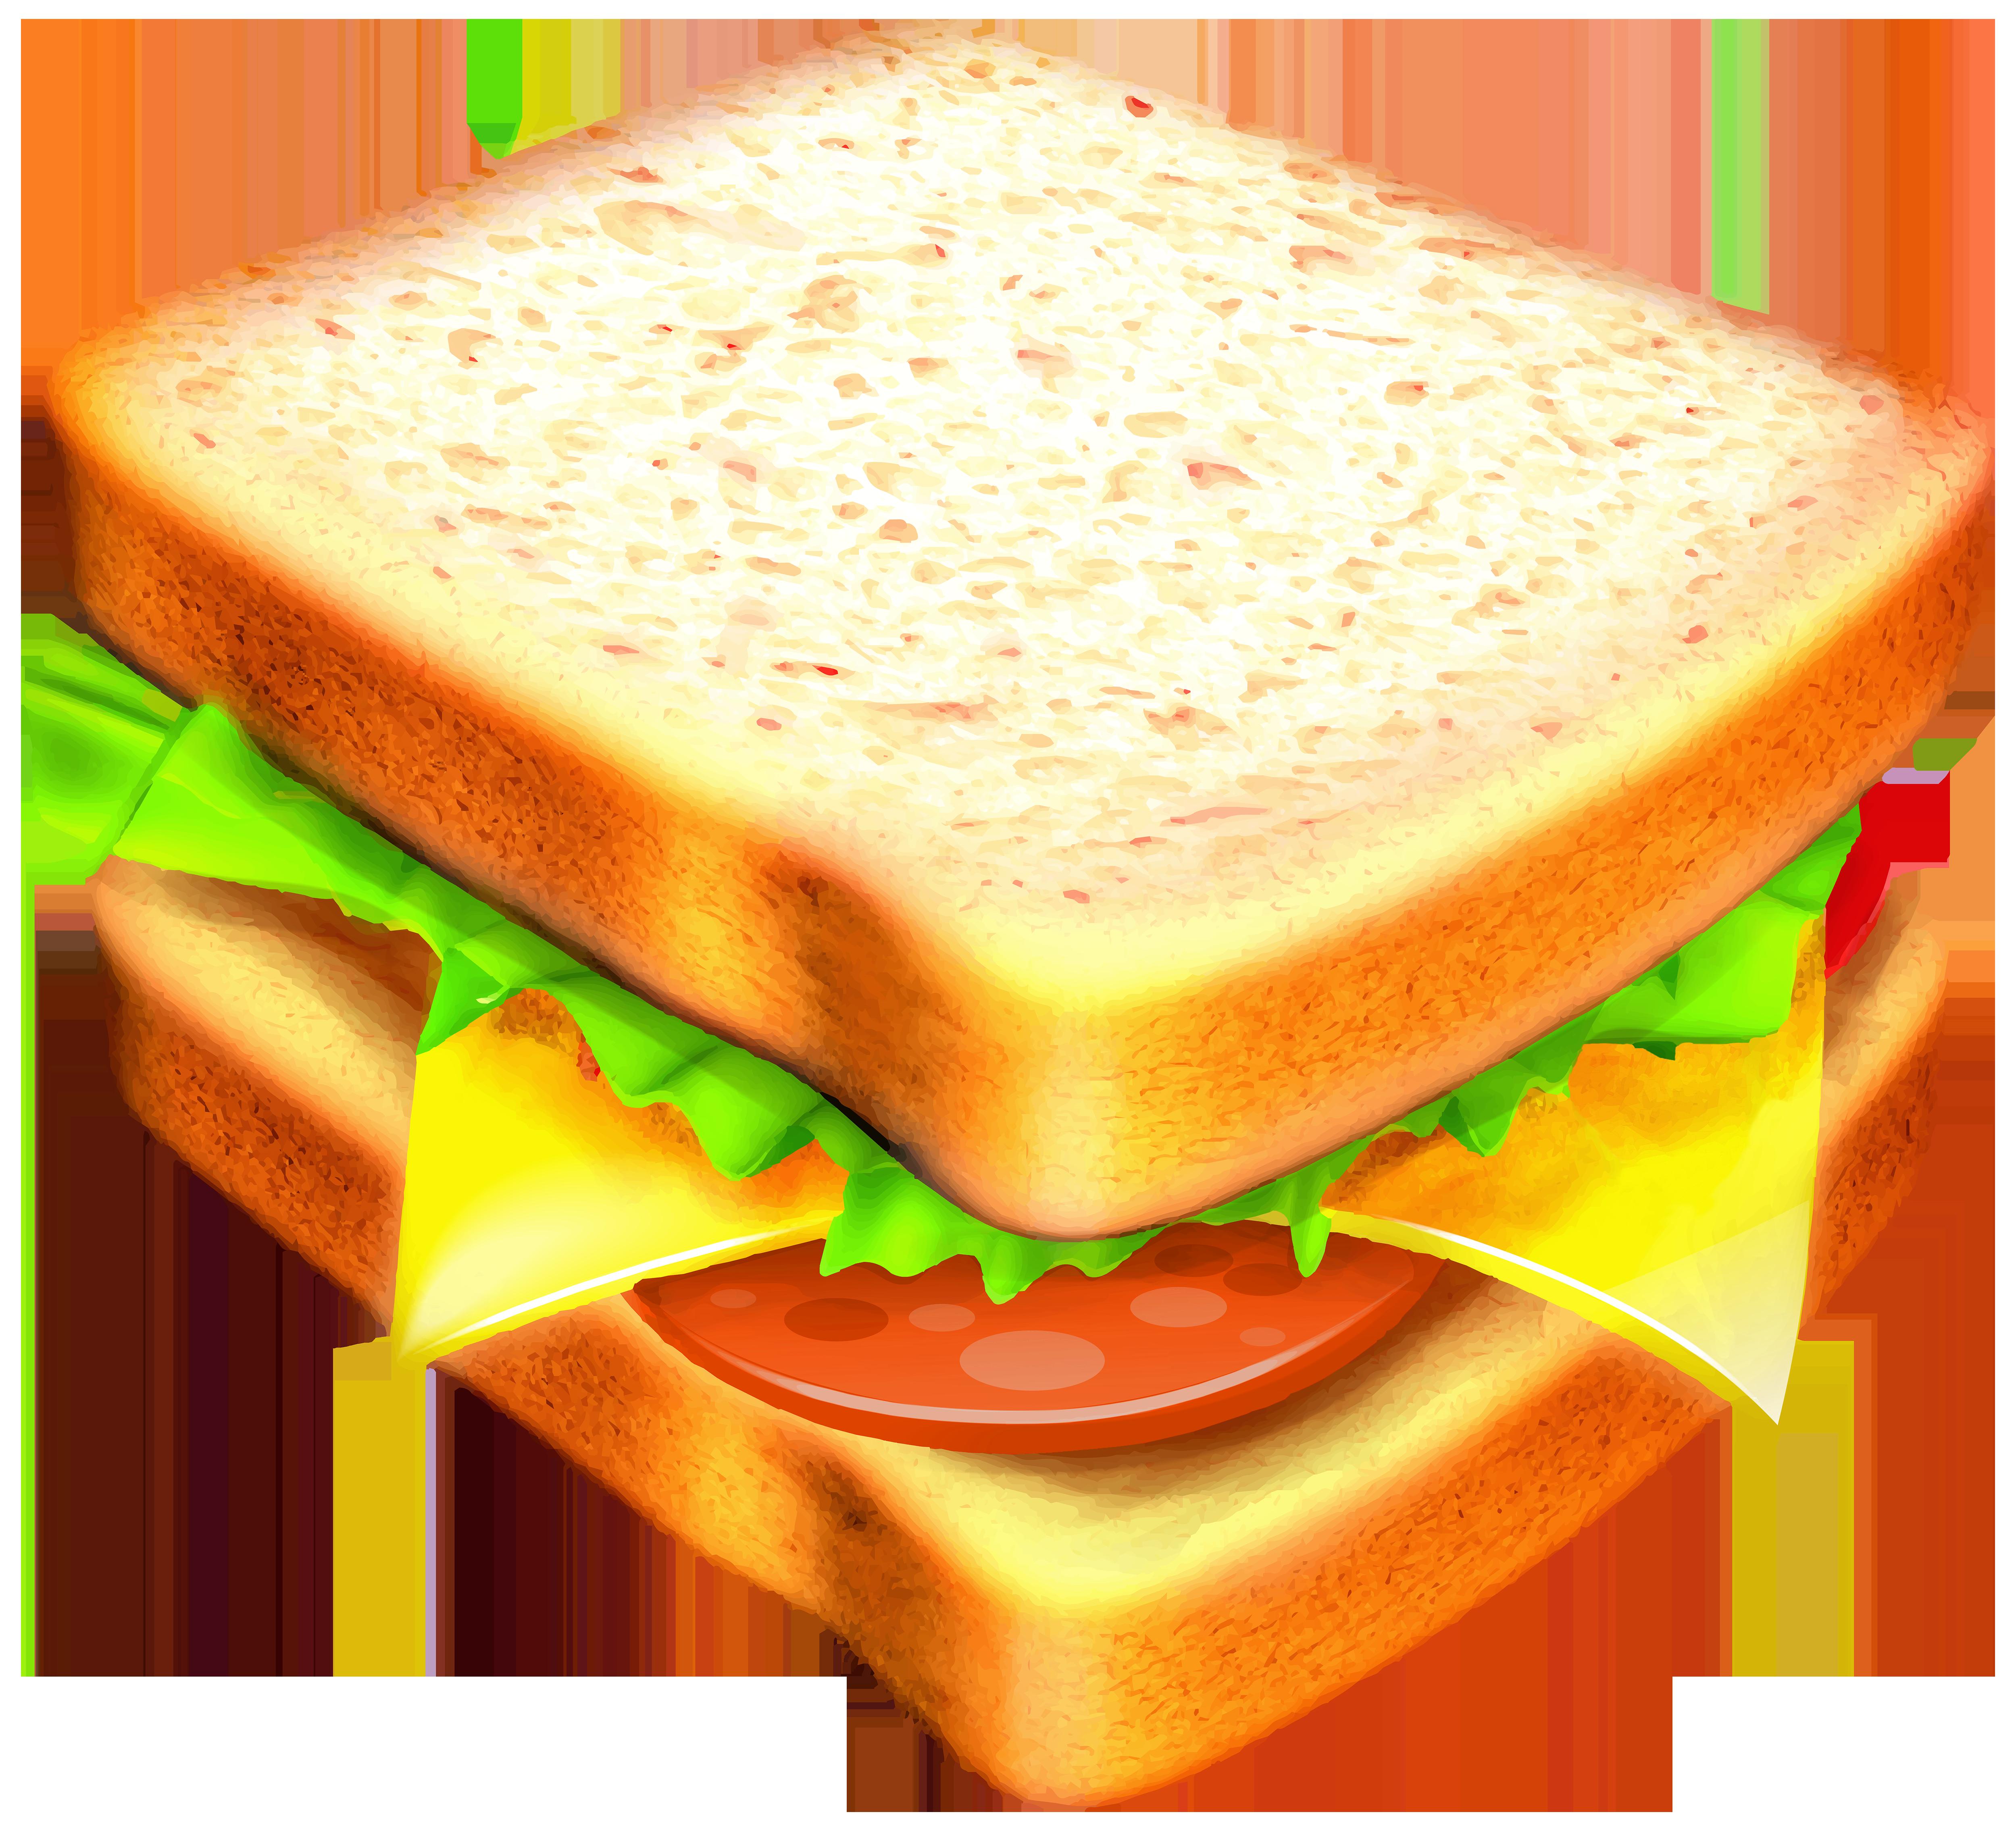 Sandwich Transparent PNG Clipart Image